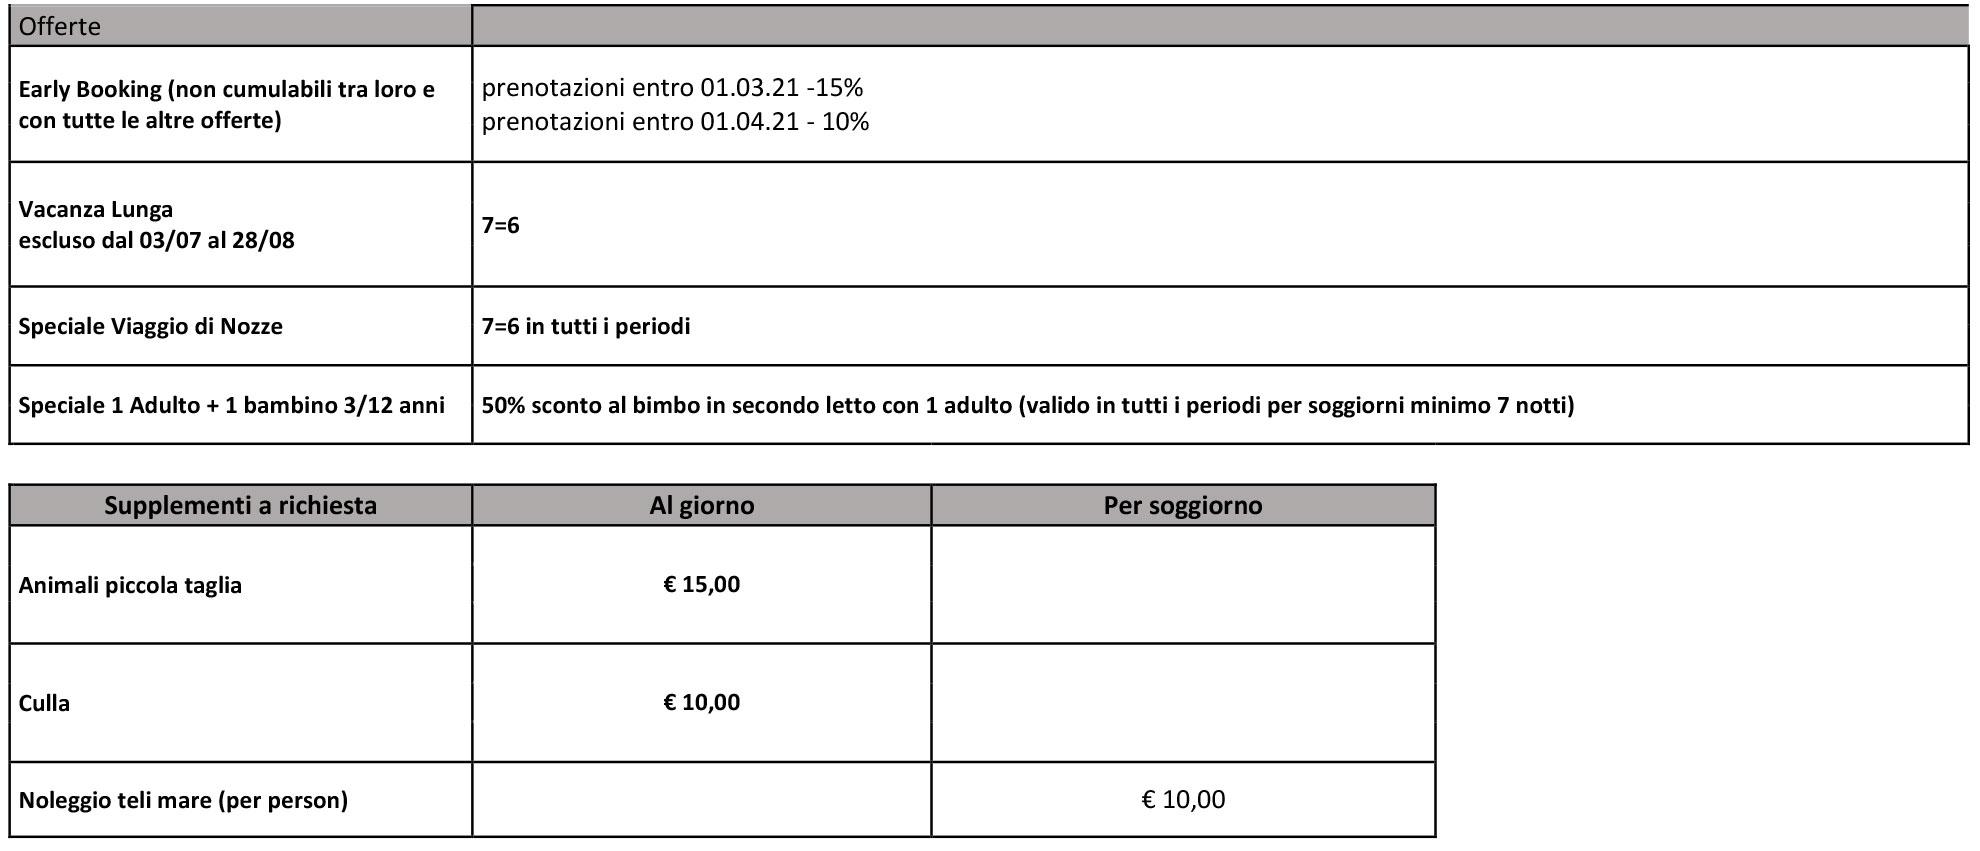 tabella-prezzi-2